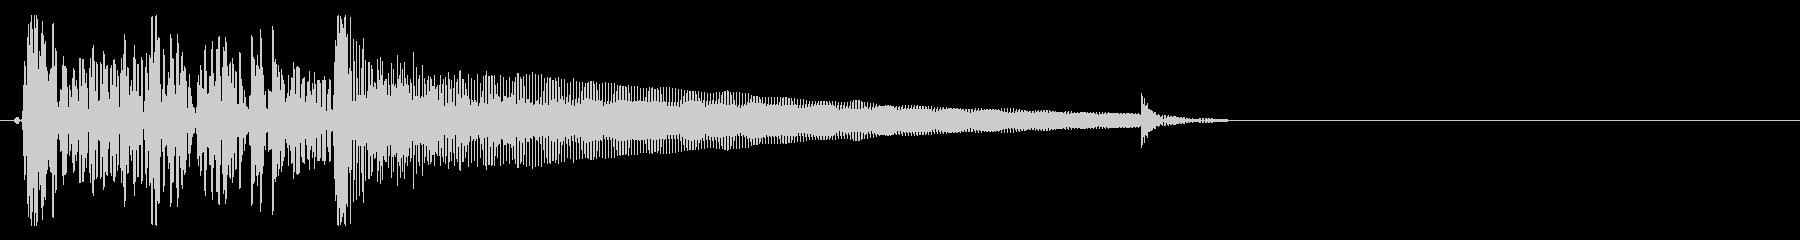 アップライトベース 部場面切り替え3の未再生の波形